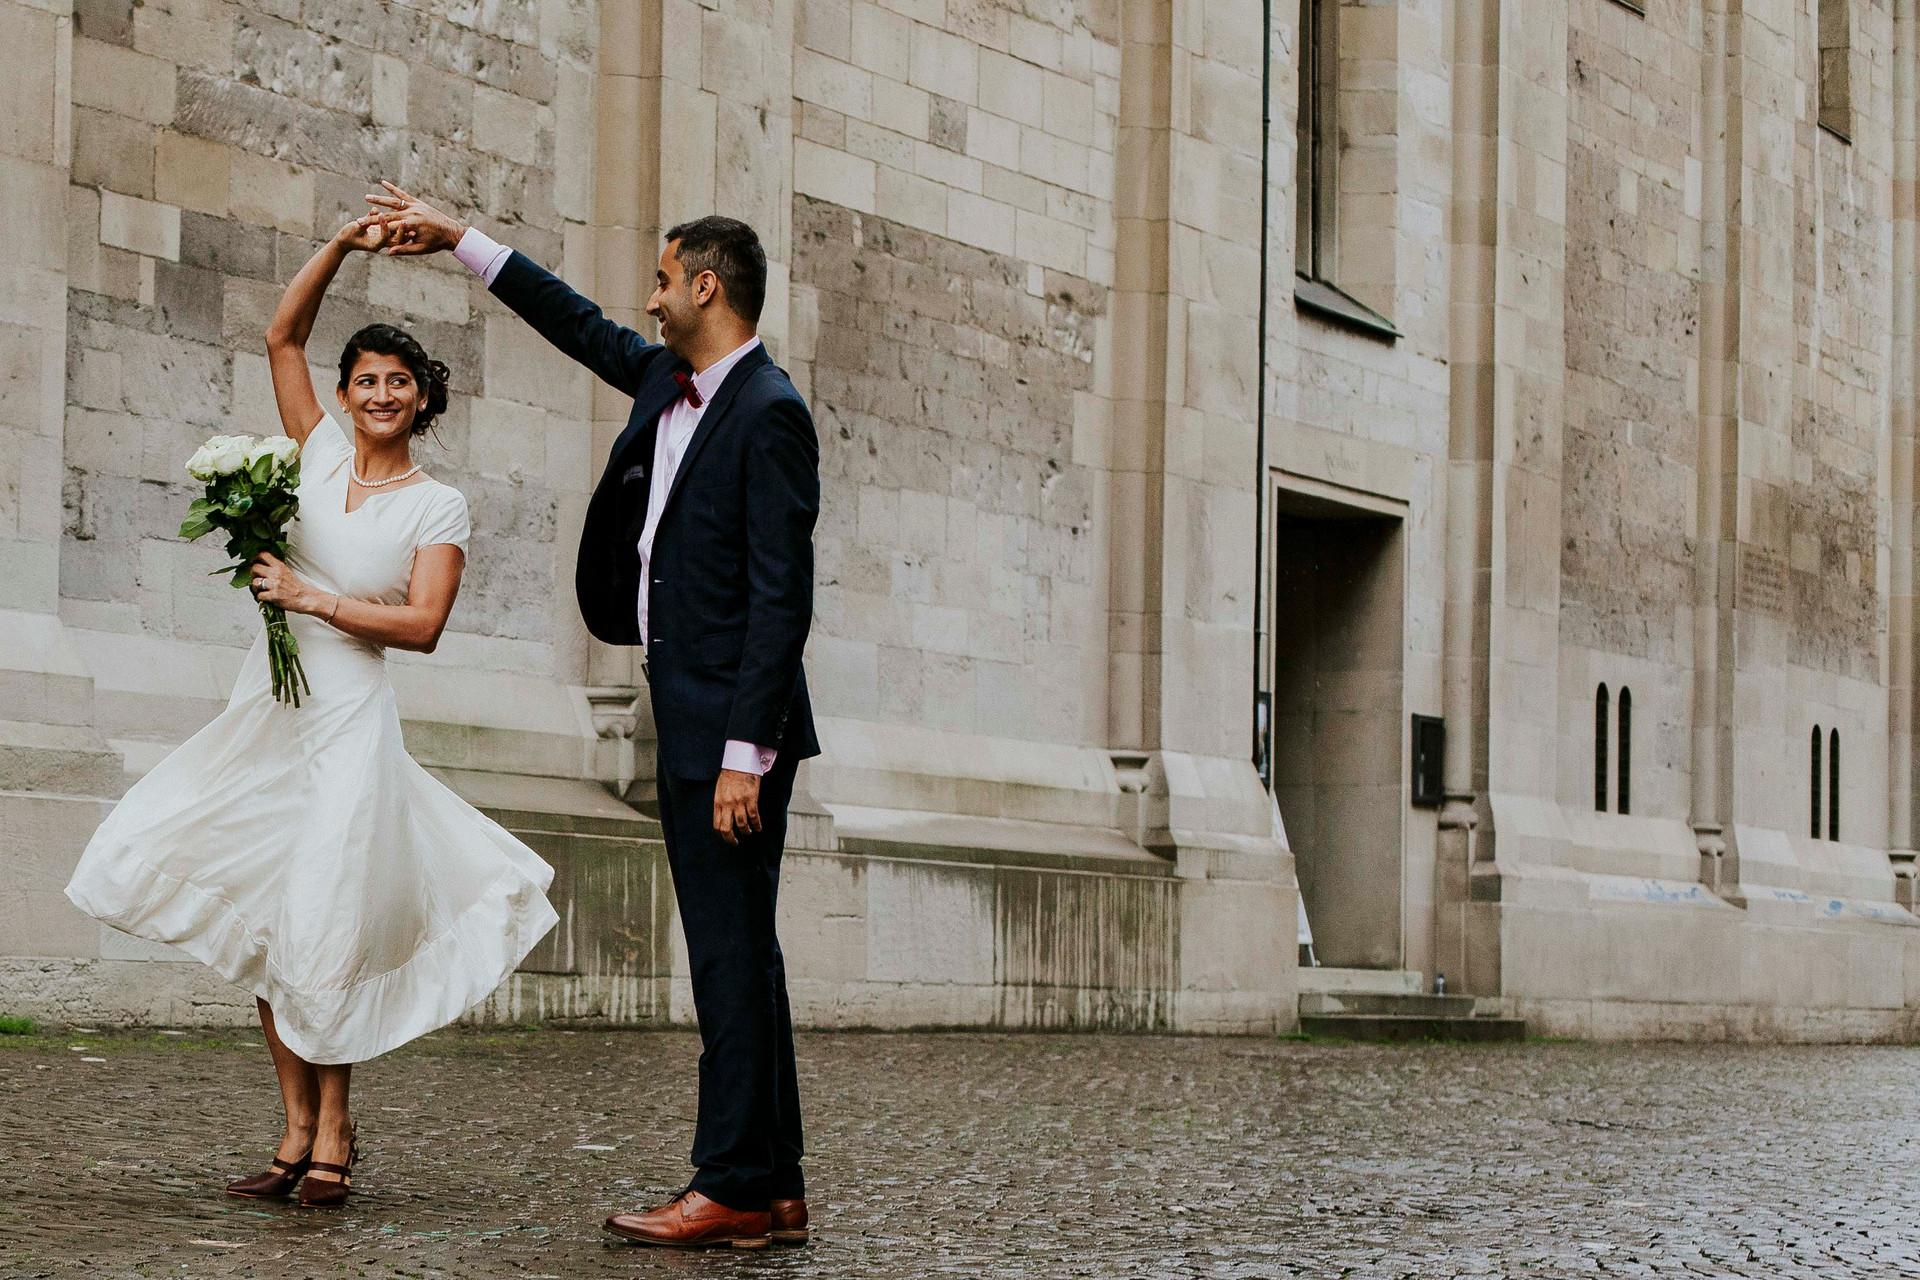 Wedding_Day_Stadthaus_Zürich-19.jpg